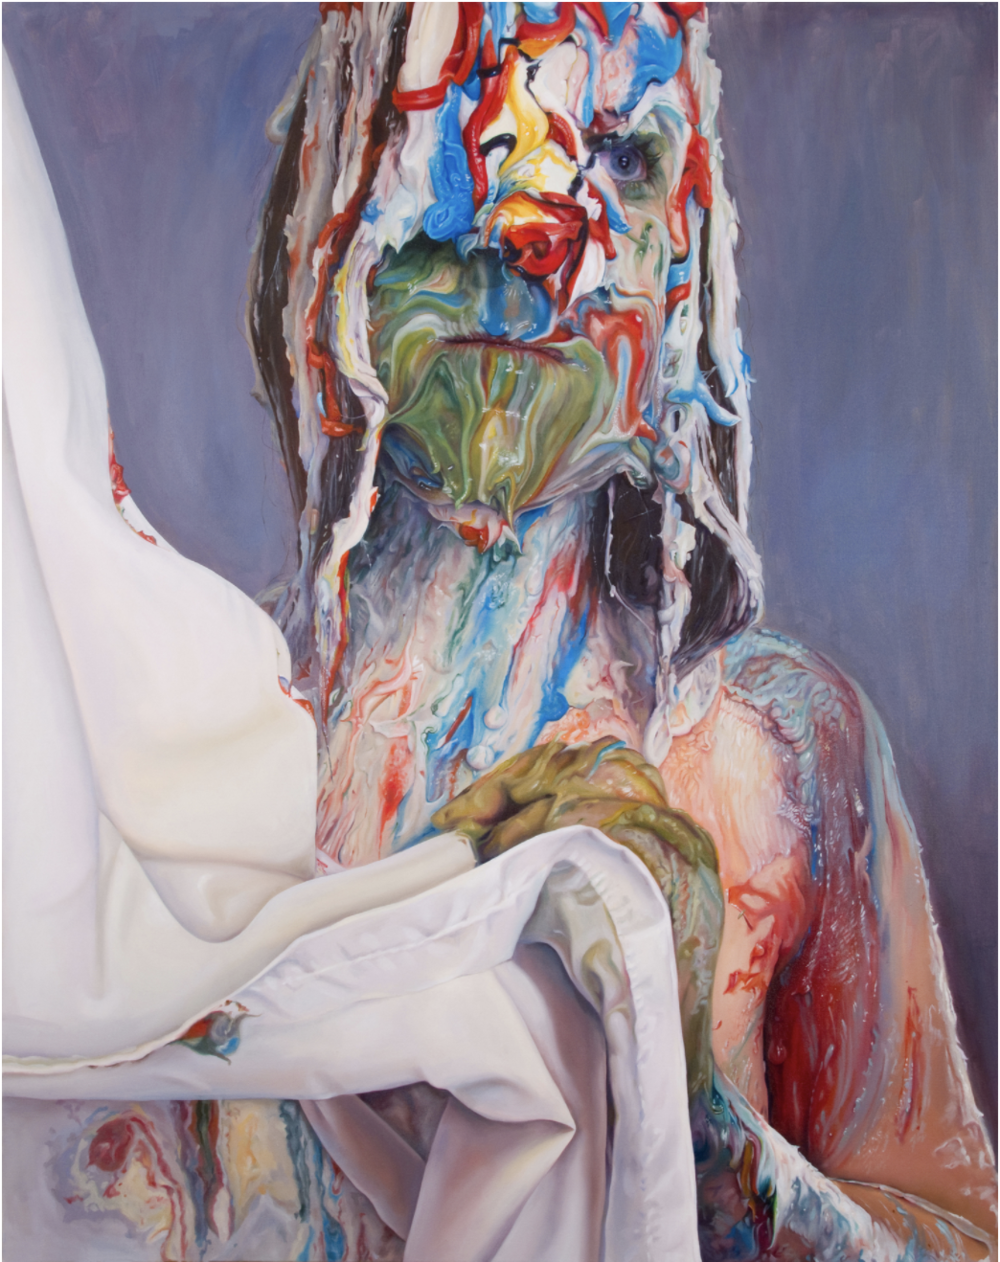 <br><b>Marisa Adesman</b><br>Vertumnus' Bride<br>60 x 48 in.